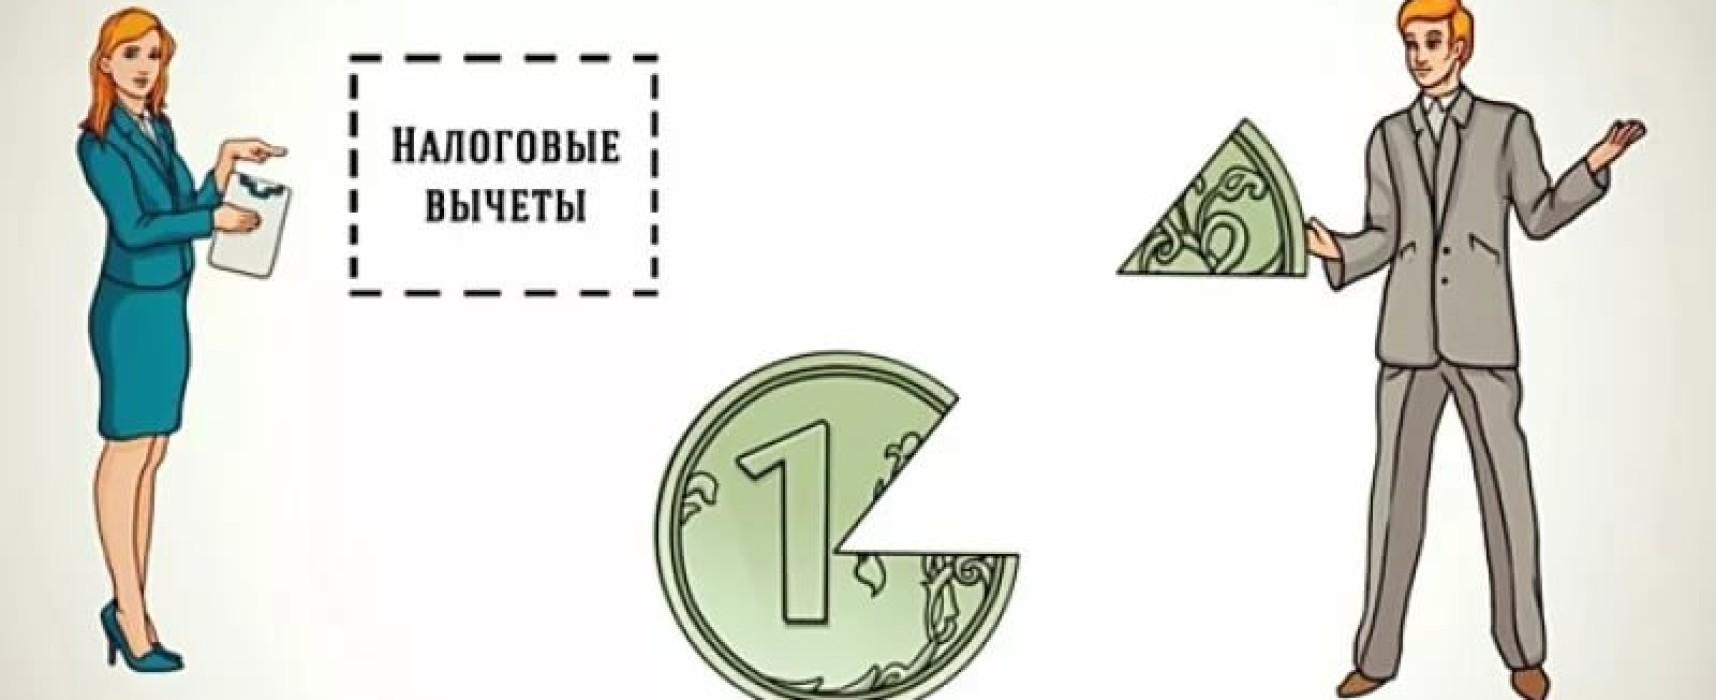 Как увеличить доход семьи, воспитывающей детей за счет уменьшения уплаты налогов, не преступая рамки закона